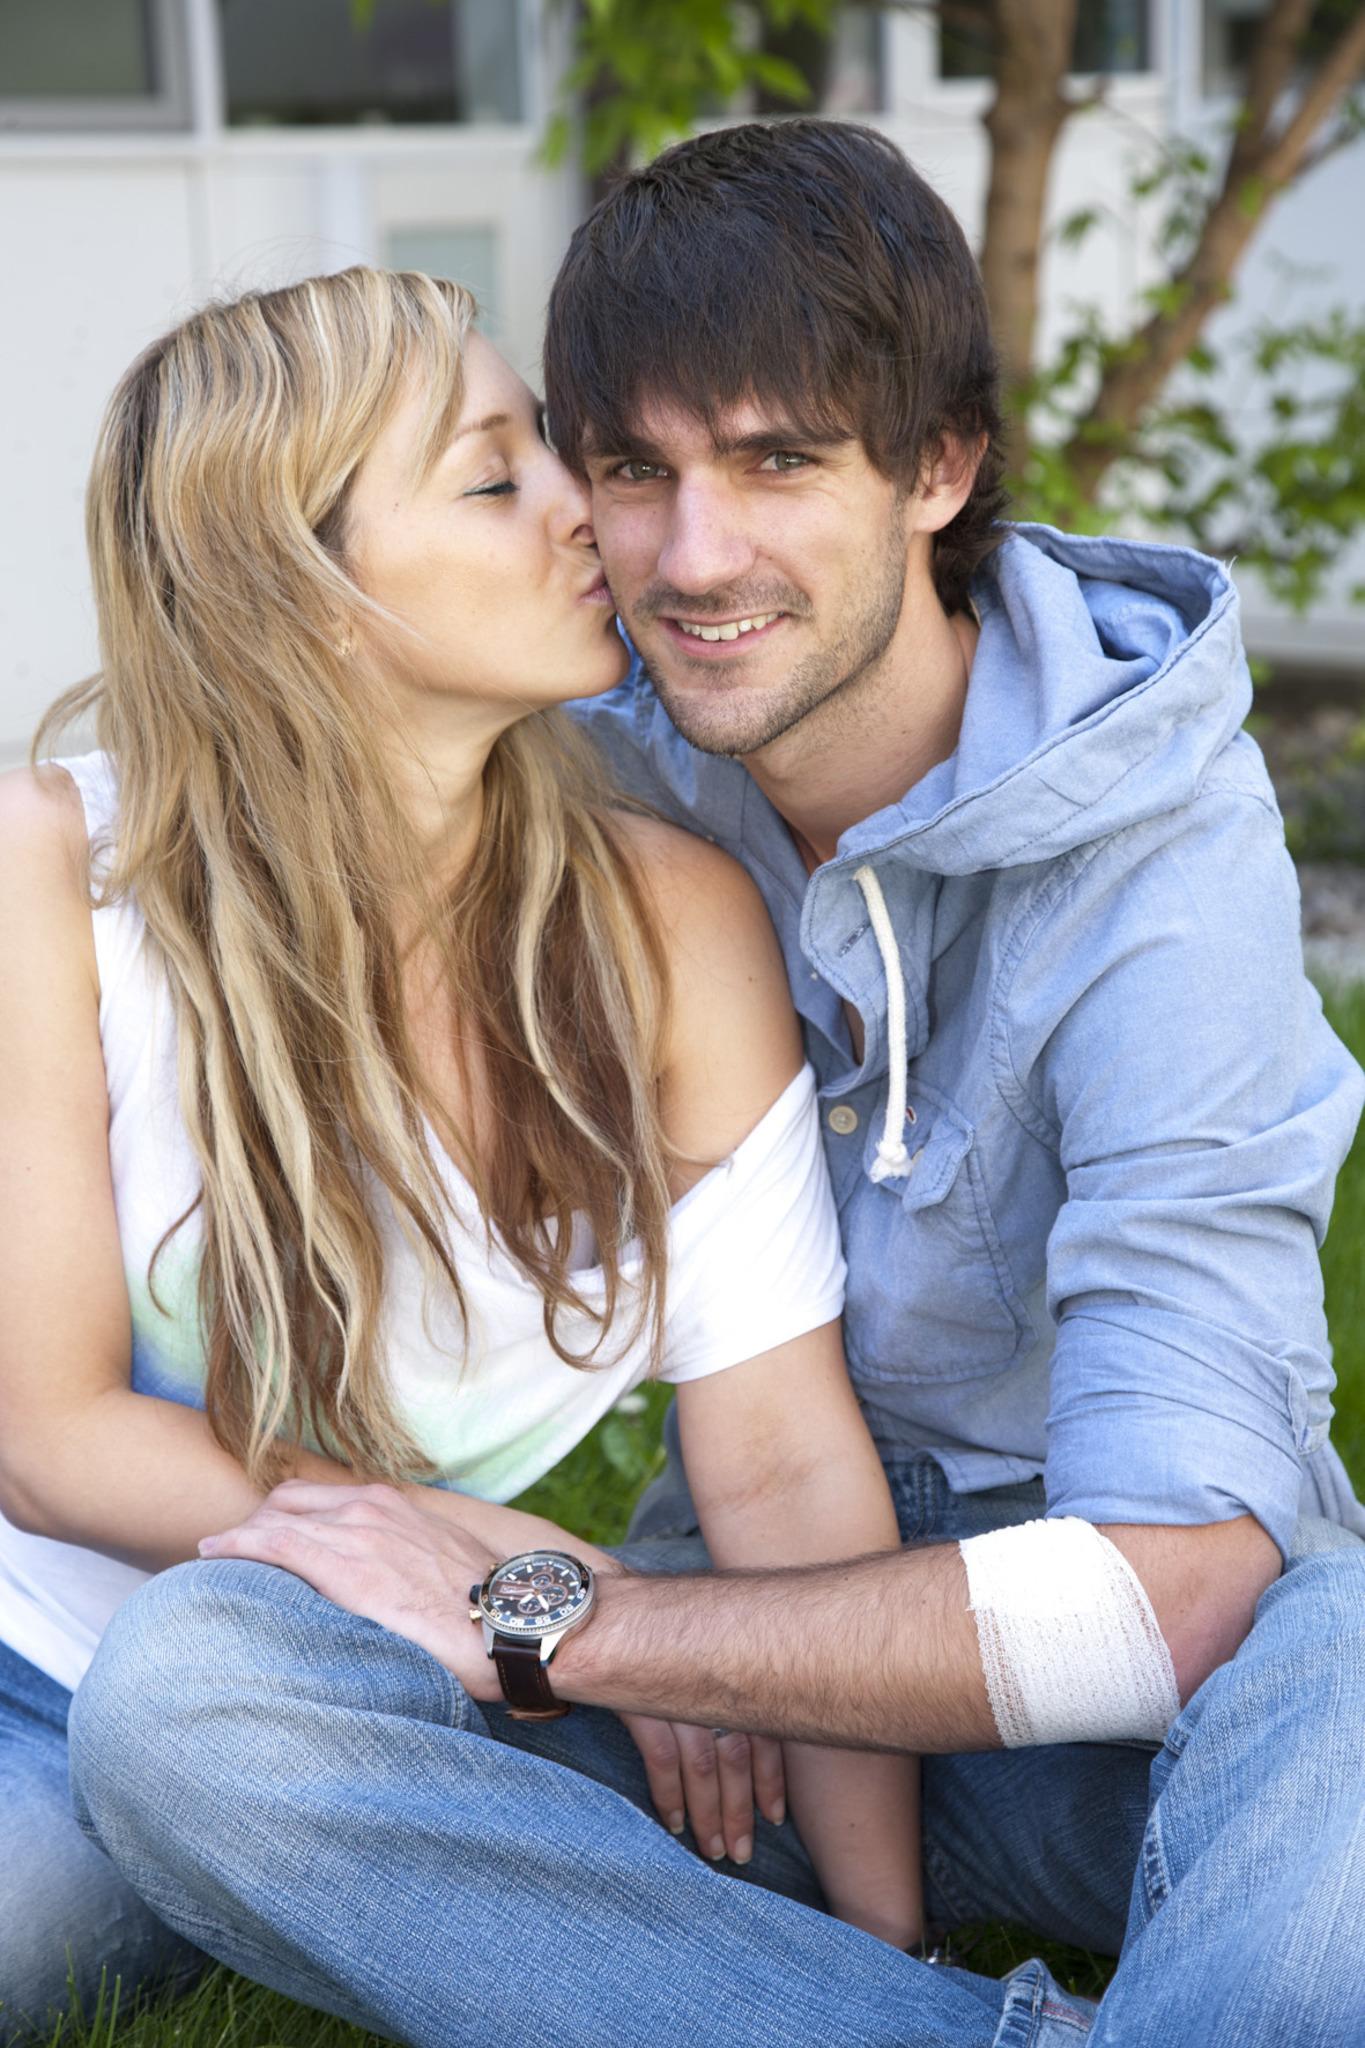 Flirt & Abenteuer Giehbl | Locanto Casual Dating Giehbl